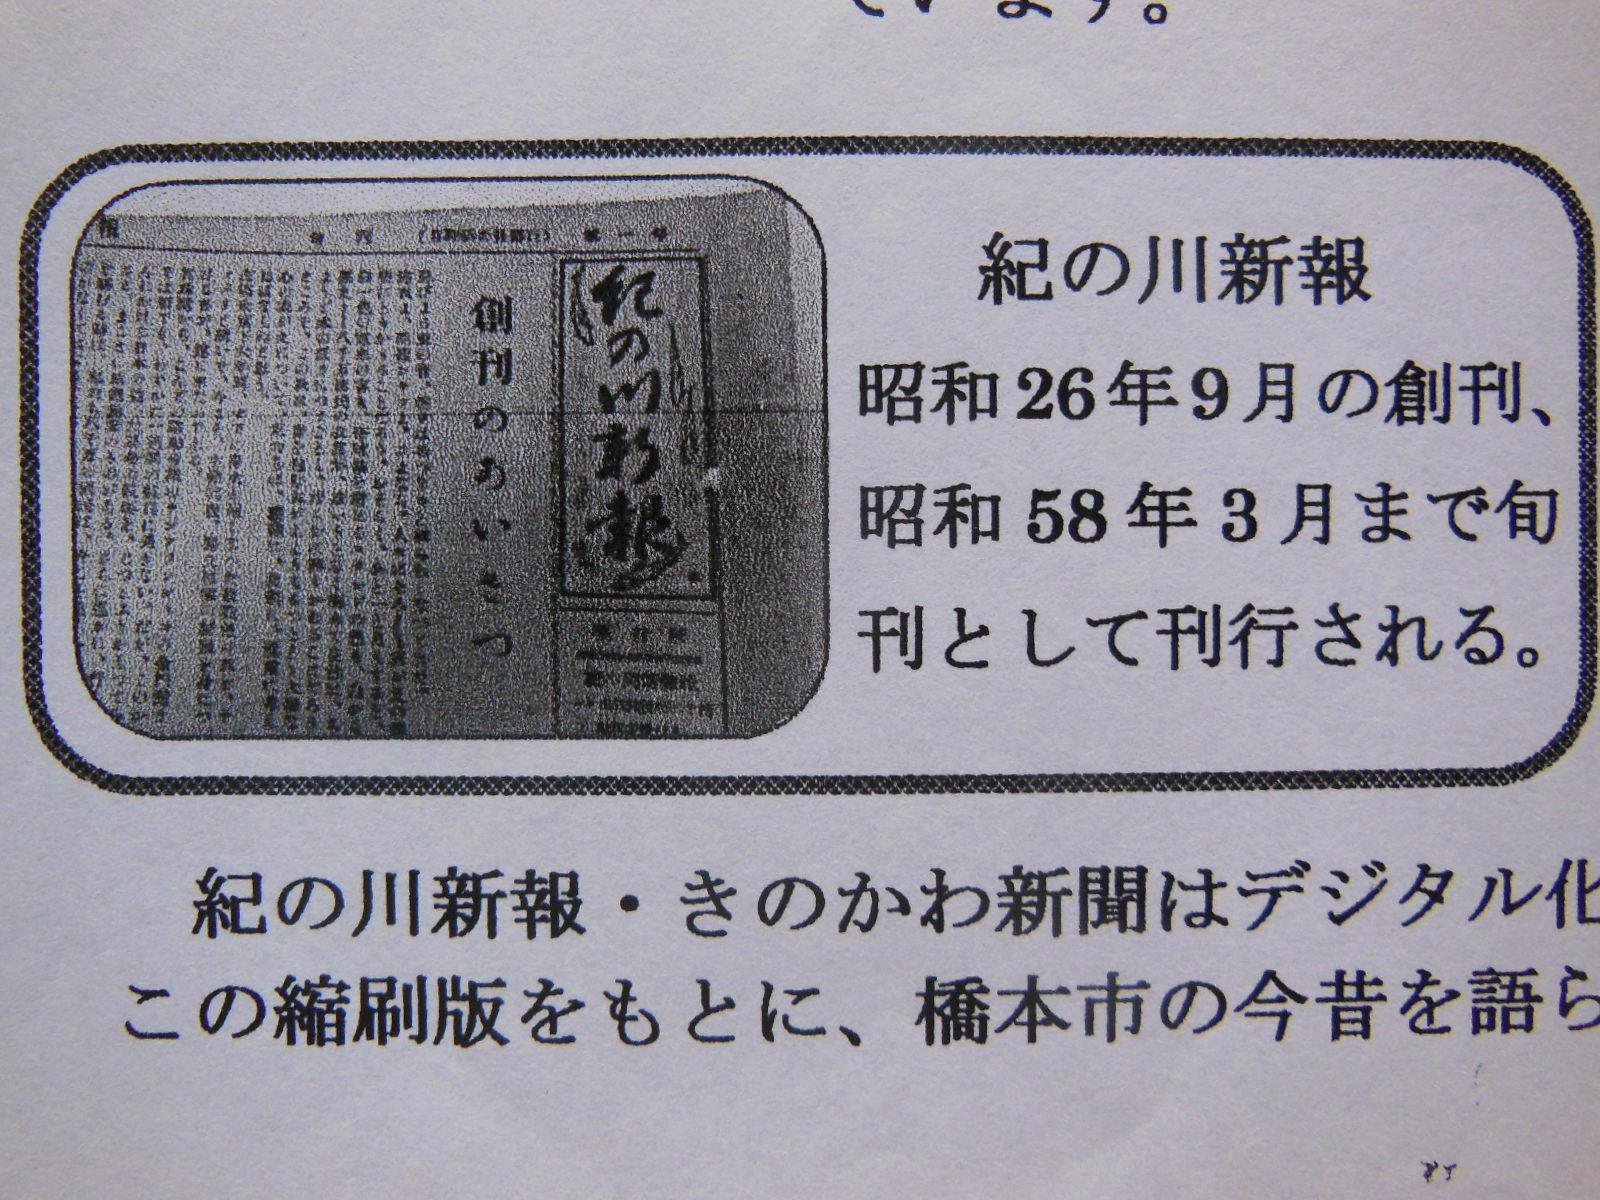 <お知らせ>講座「紀の川新報・きのかわ新聞を読む」